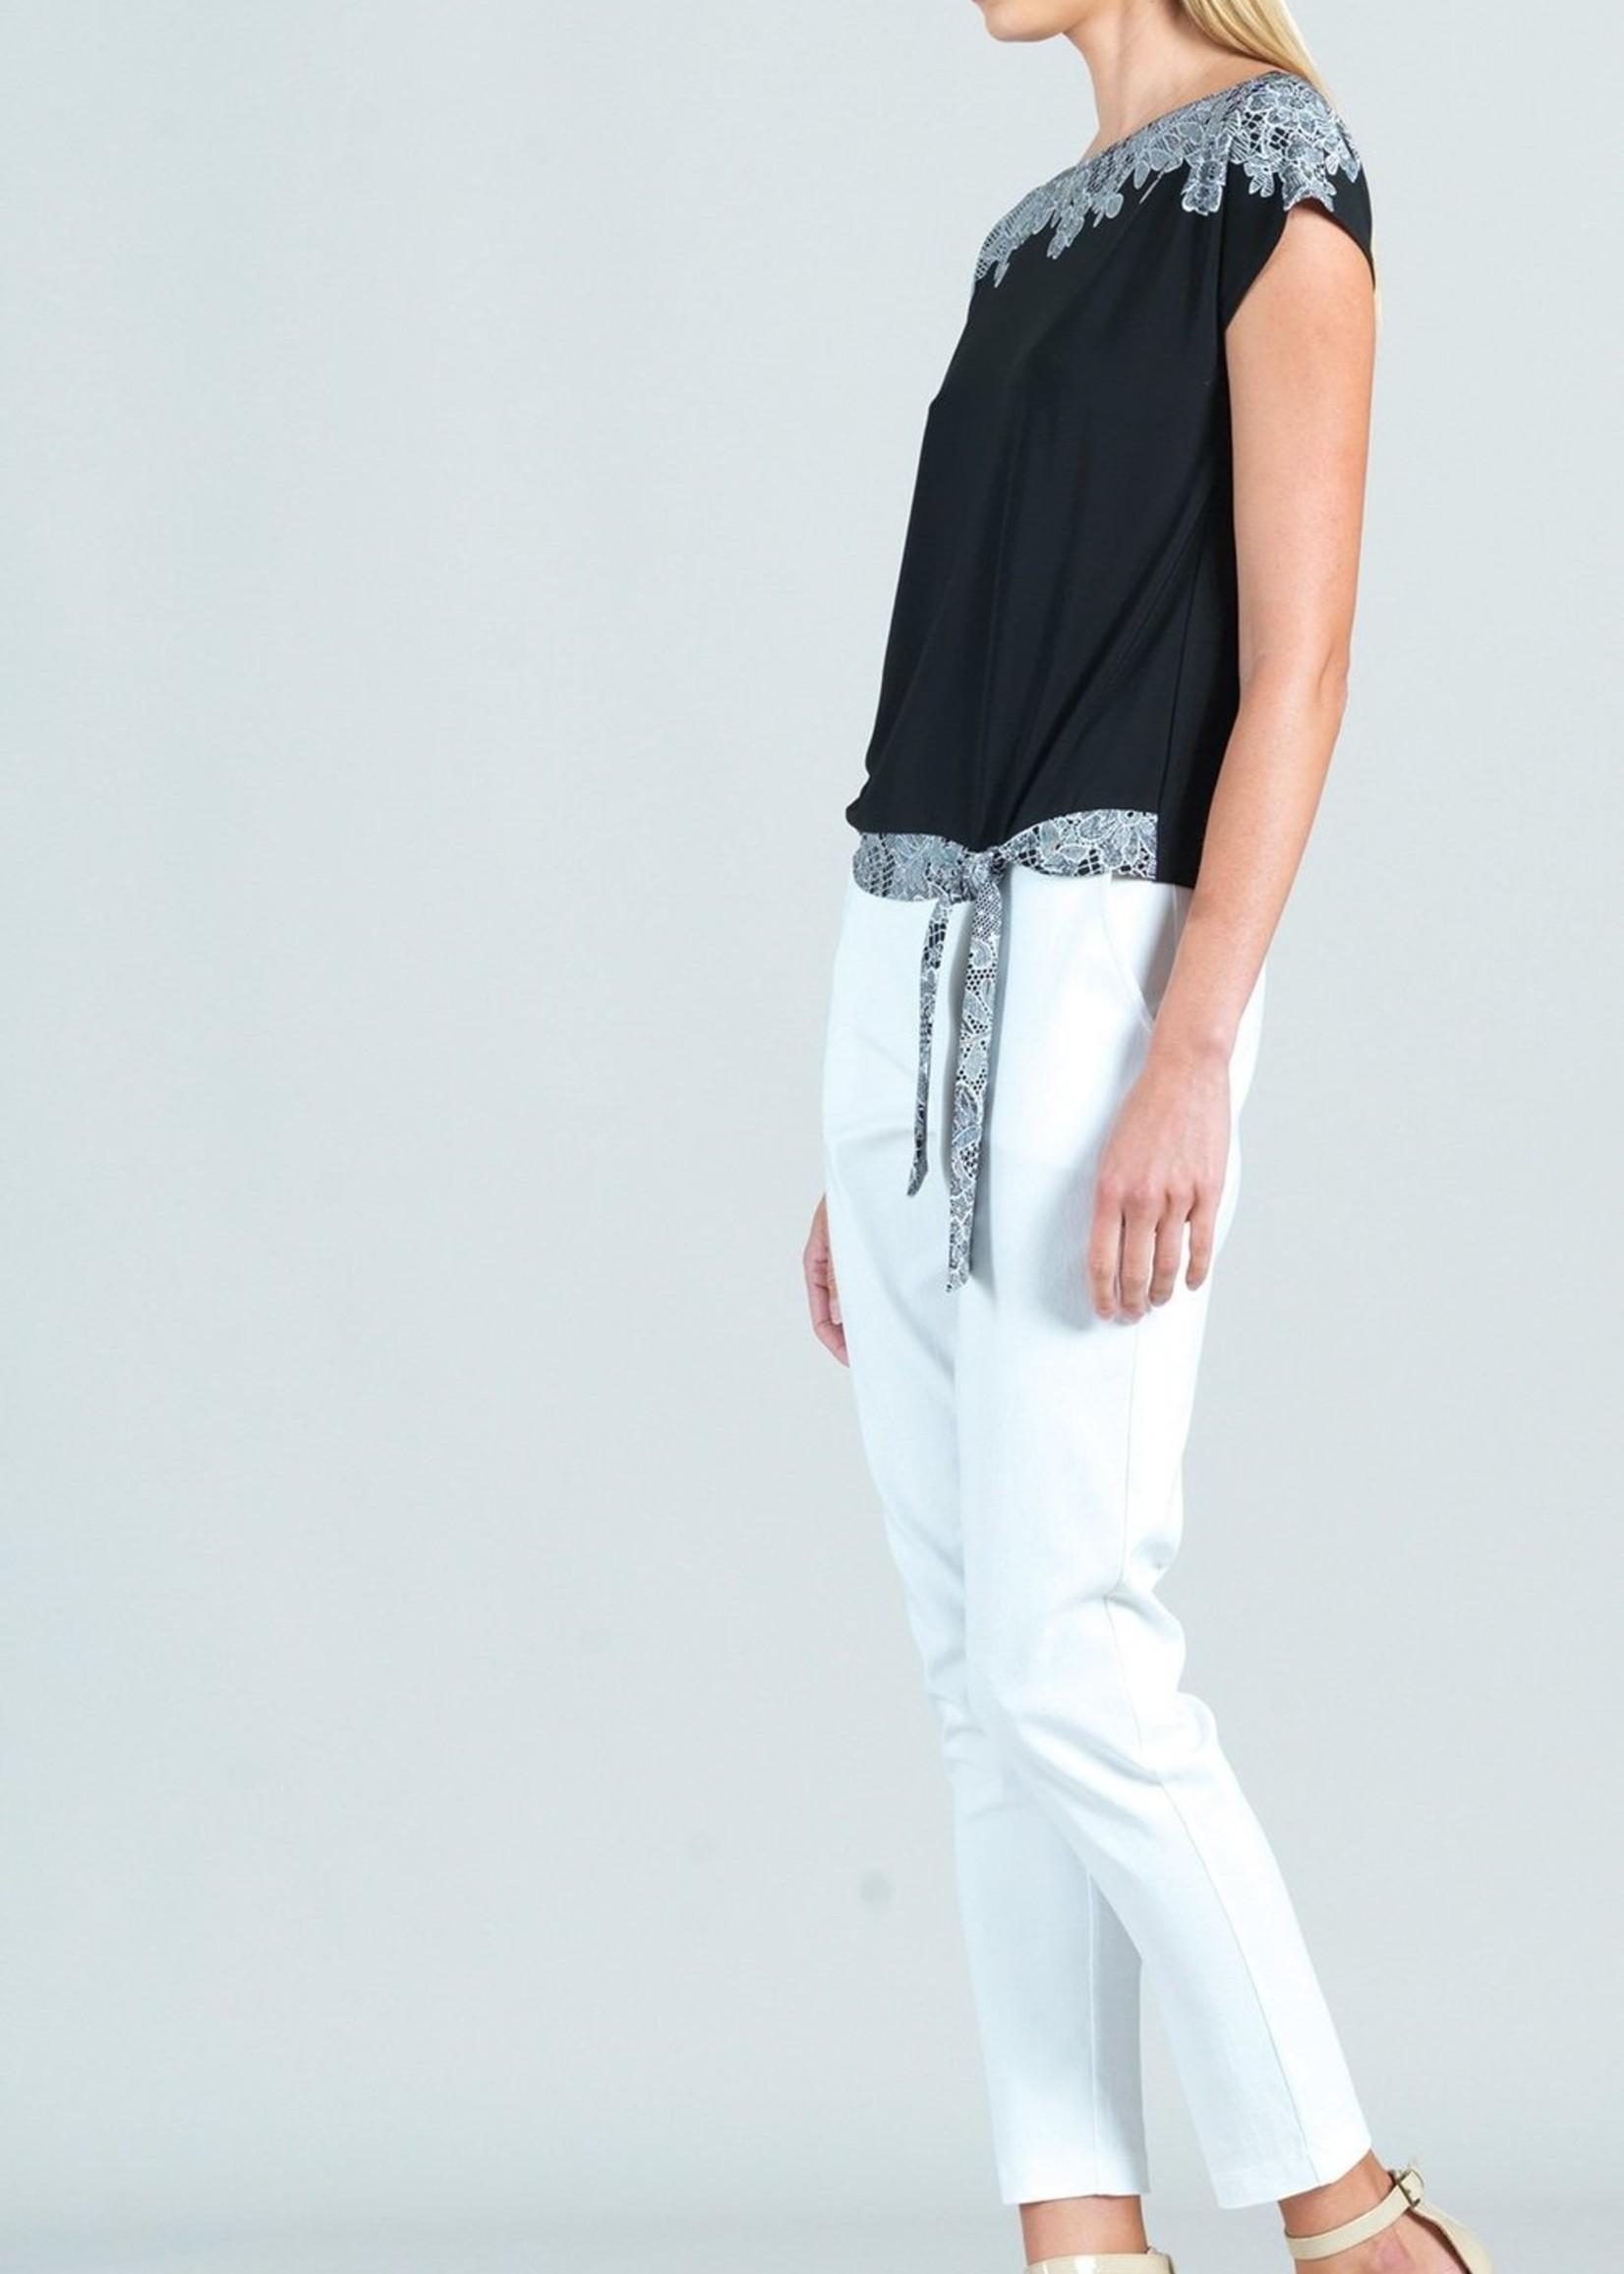 Clara Sunwoo Clara Sunwoo Lace Trim Print Cap Sleeve Tie Top